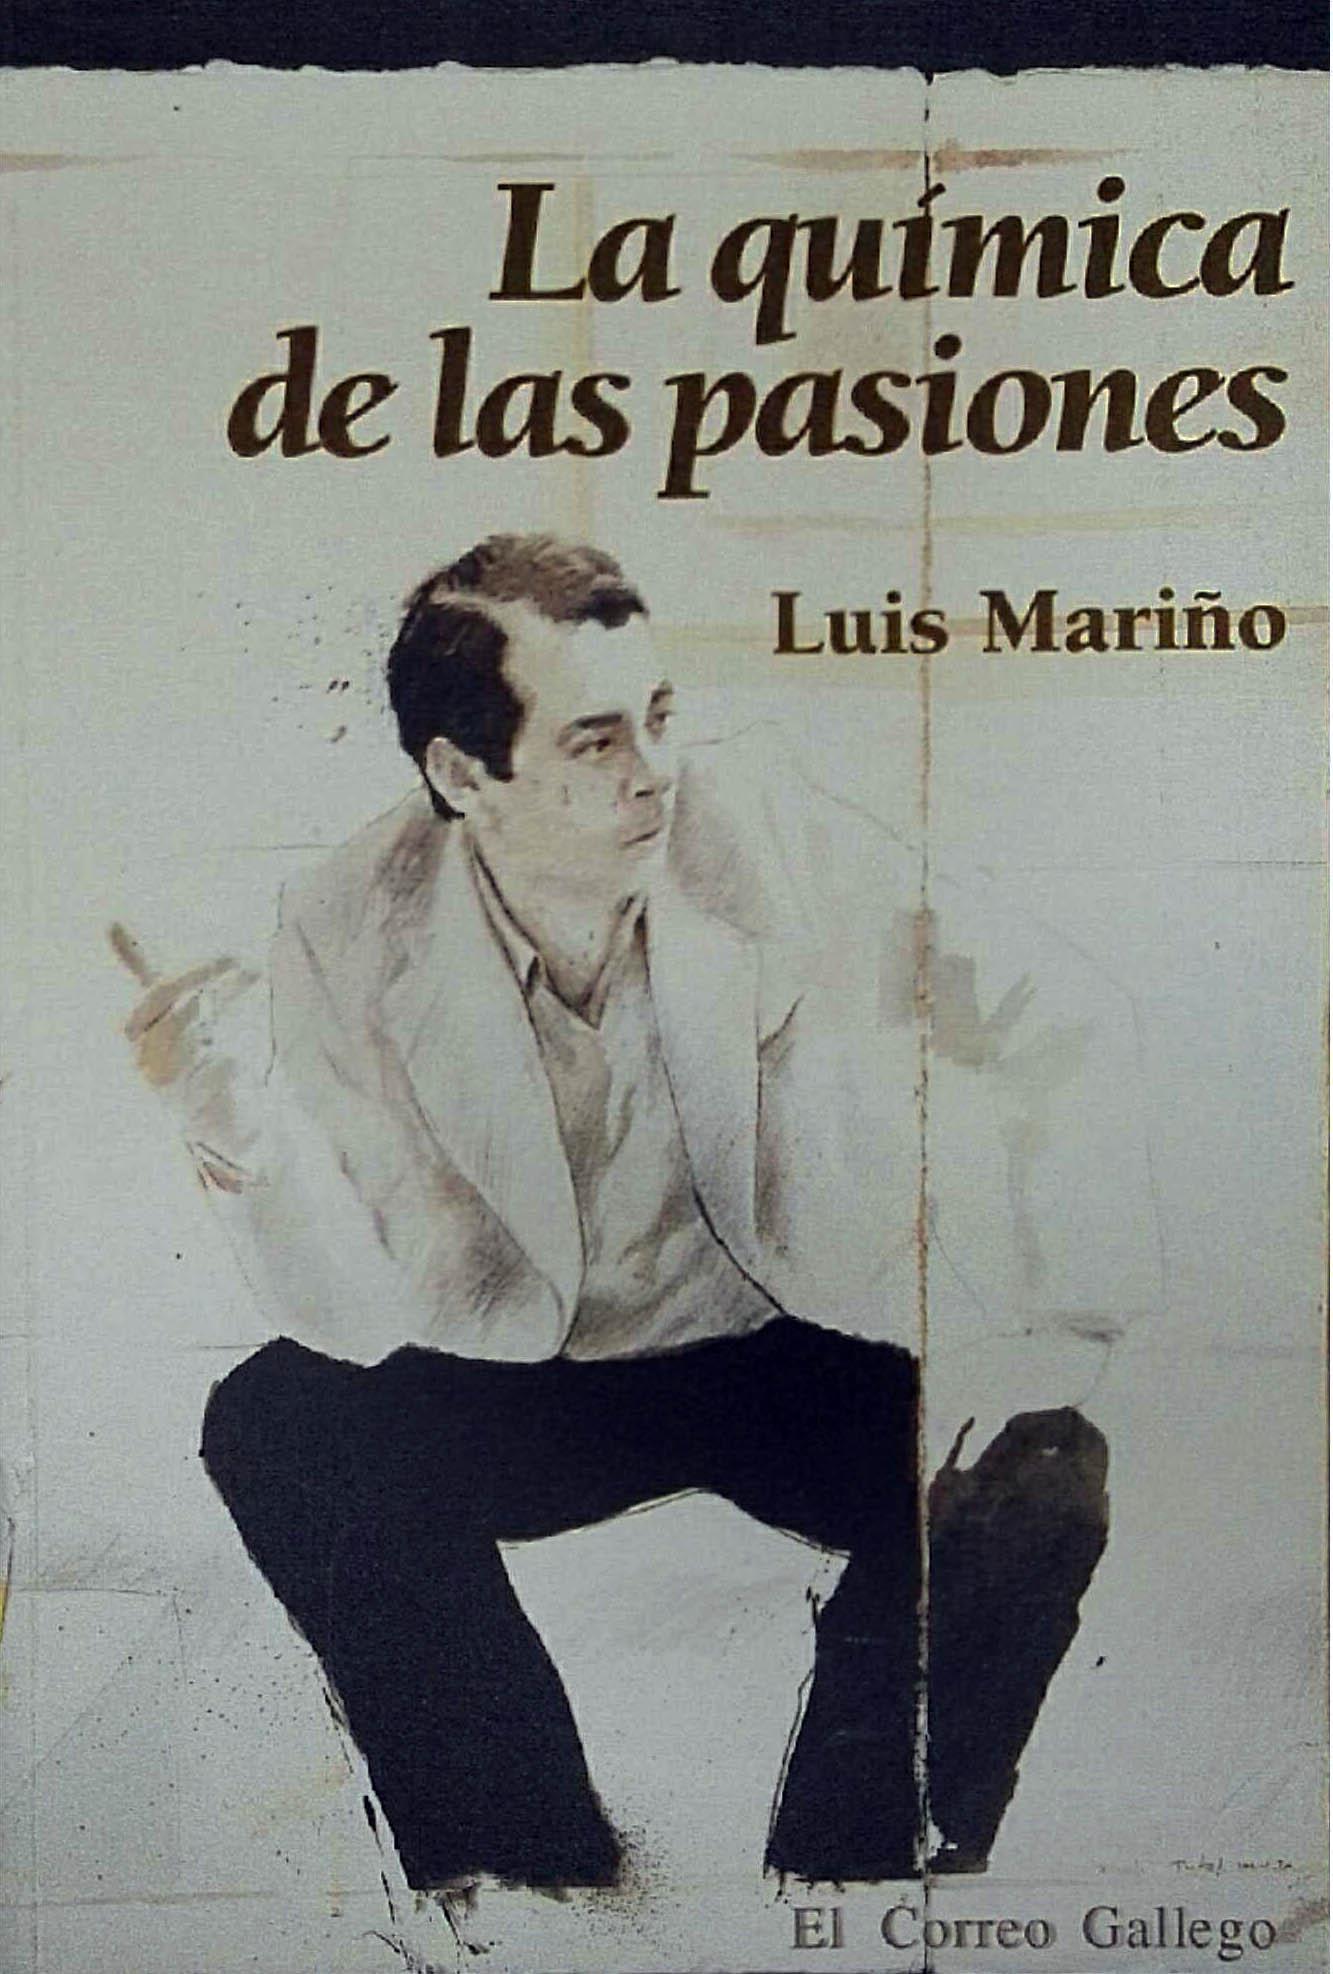 Ilustraciones de Quintana Martelo.